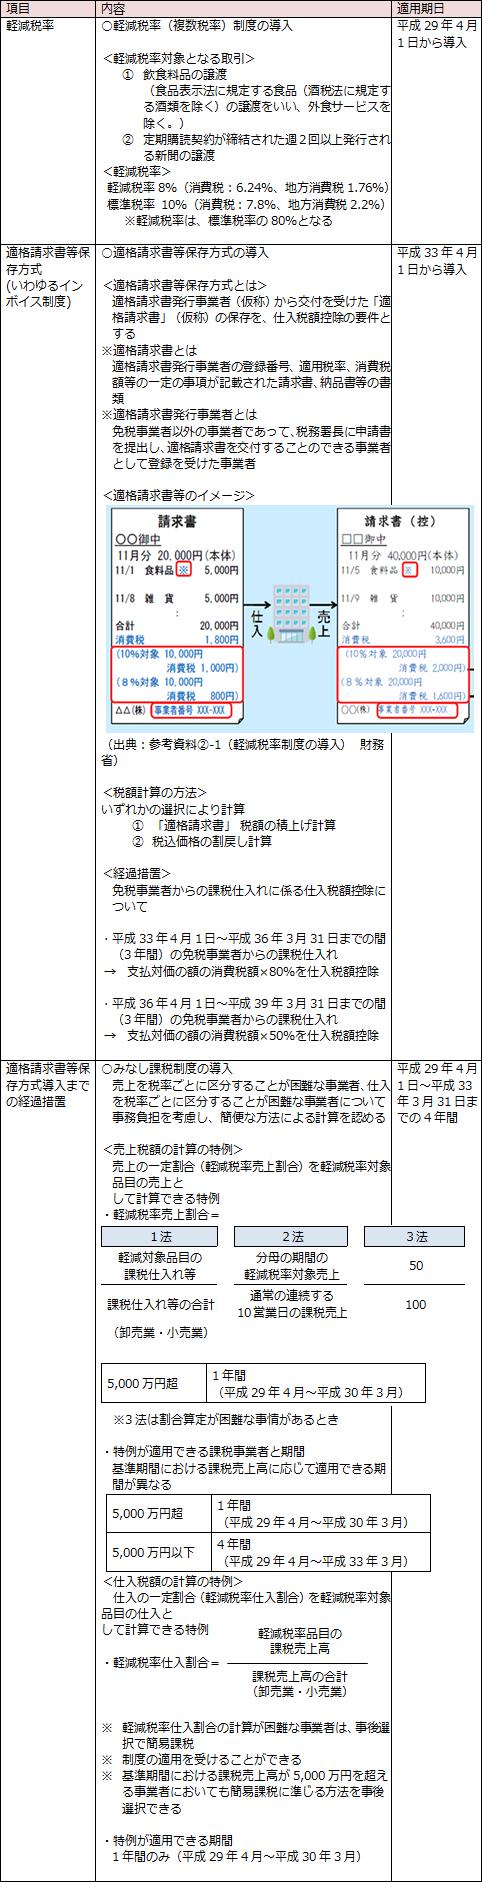 消費税(軽減税率関係)